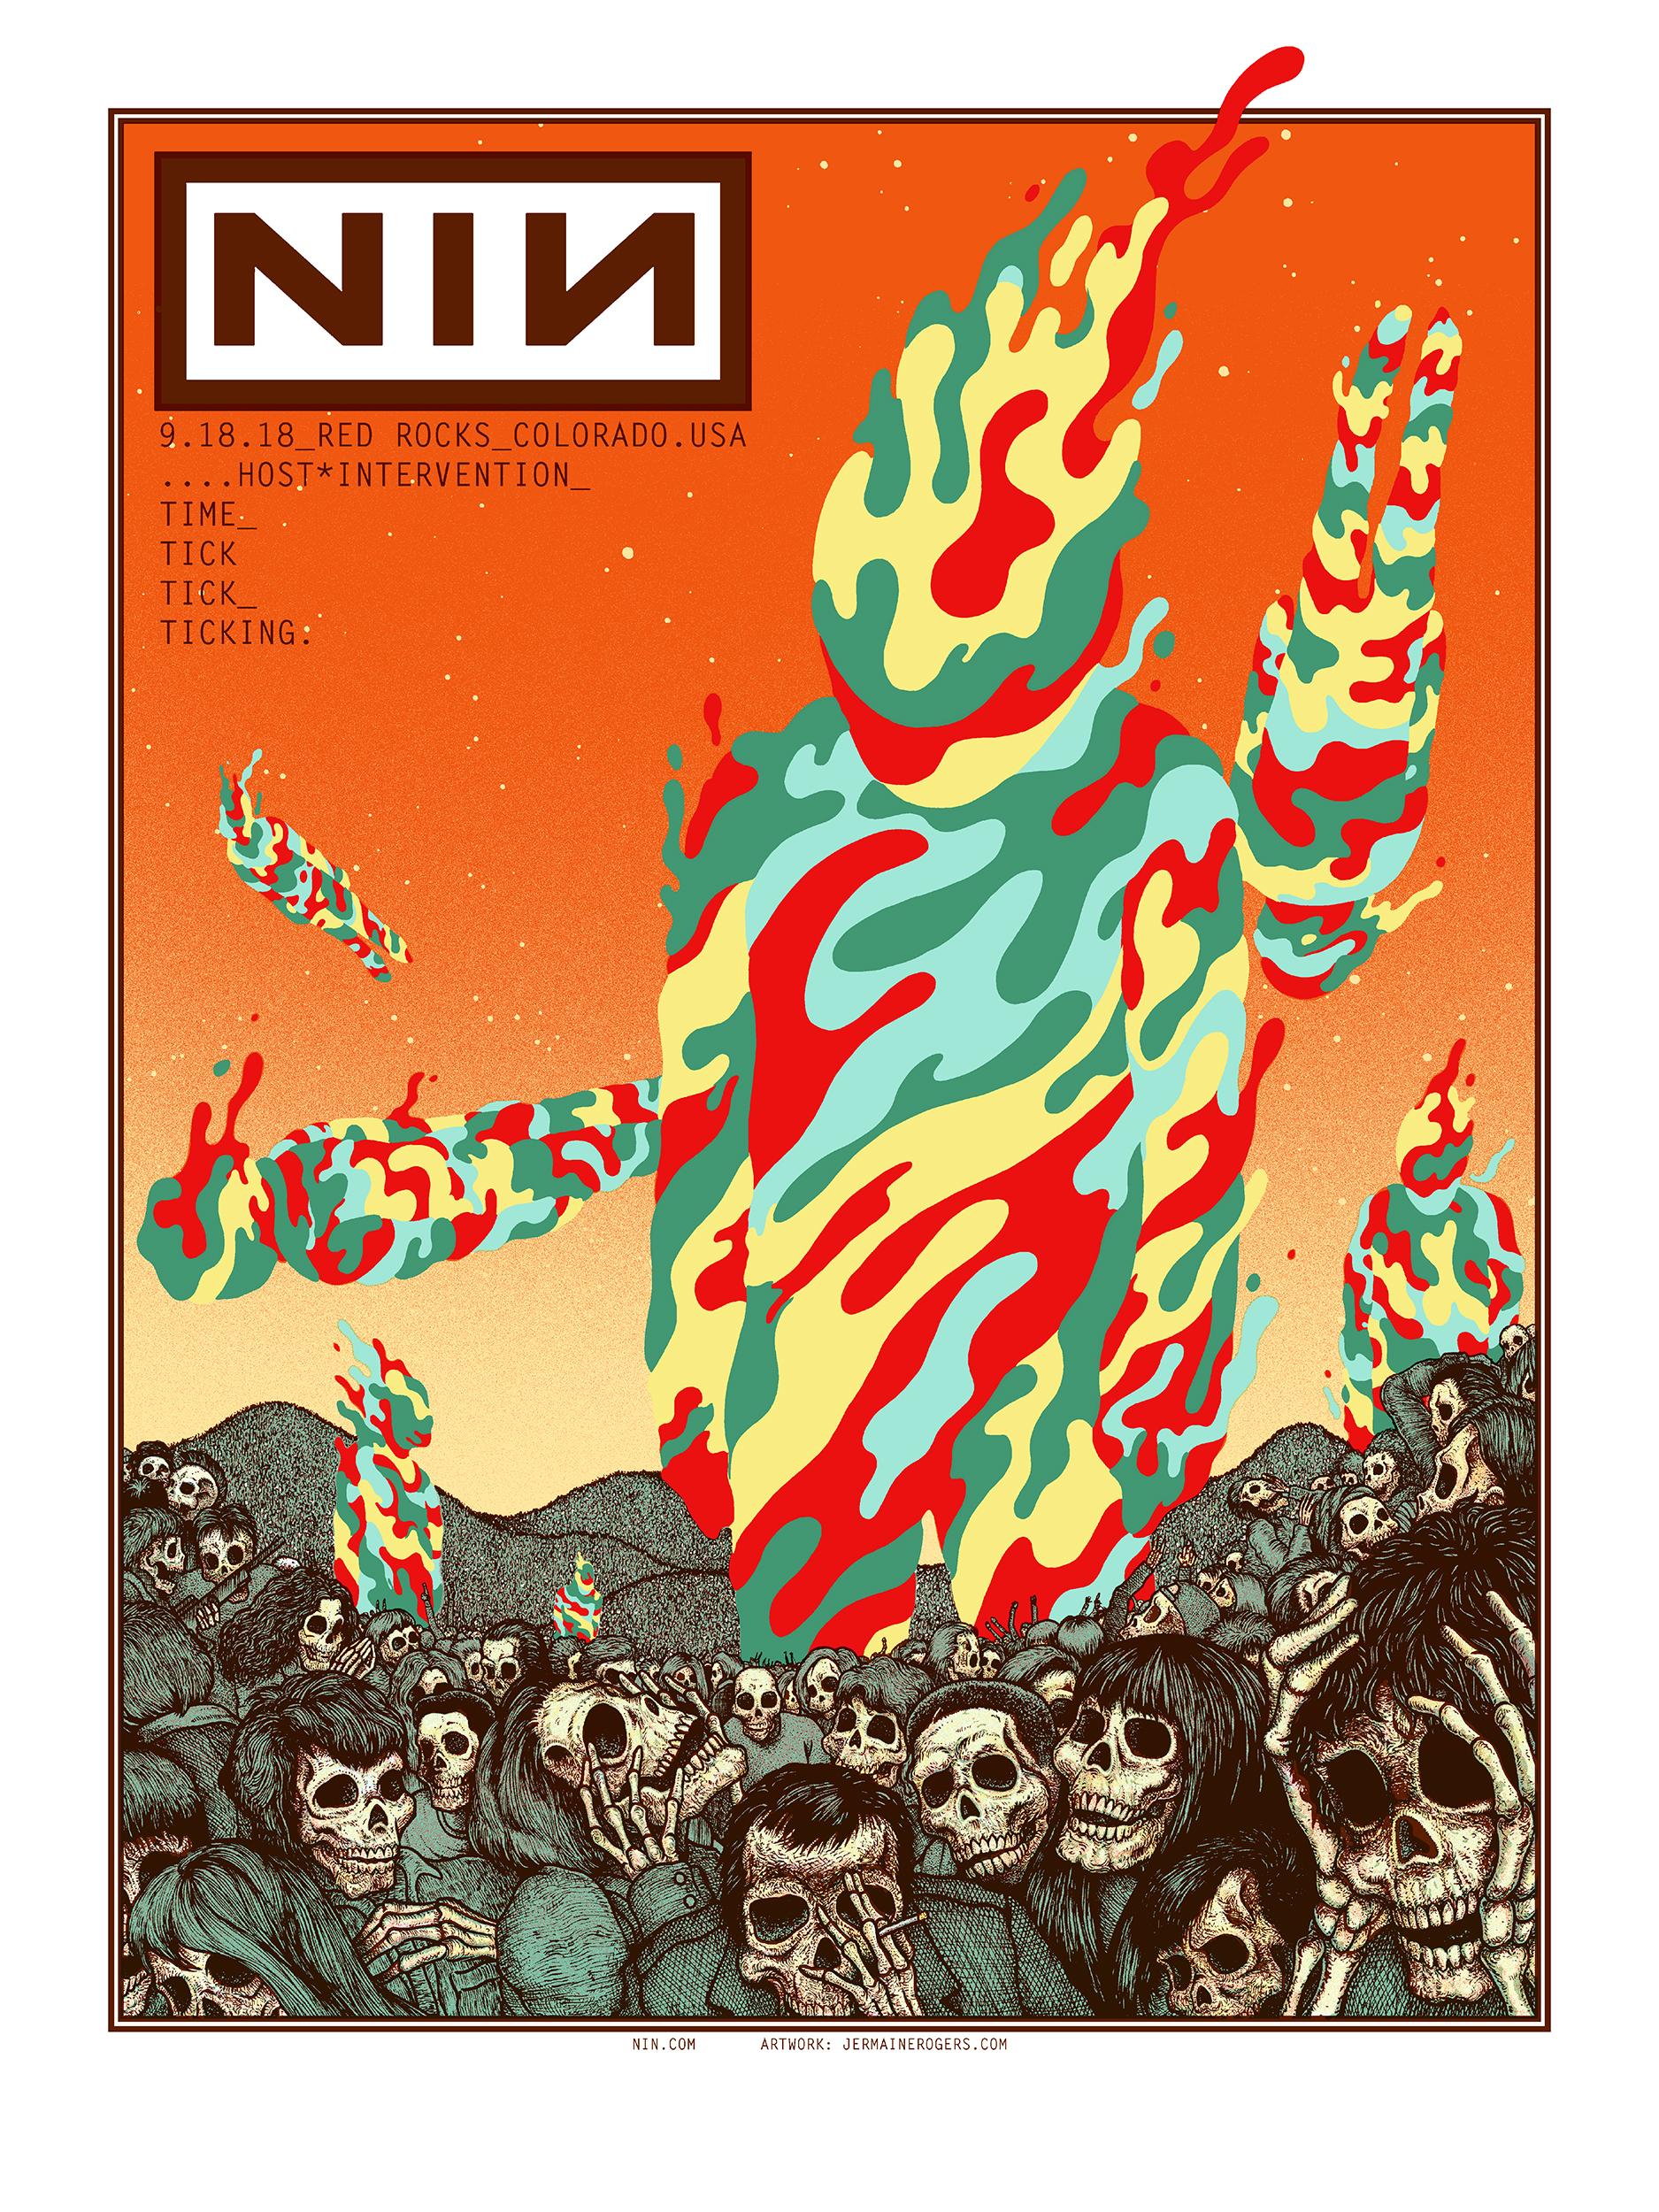 NEW - NineInchNails (Red Rocks 2018) - Artist Edition, SPARKLE FOIL, Lava Foil A/P's